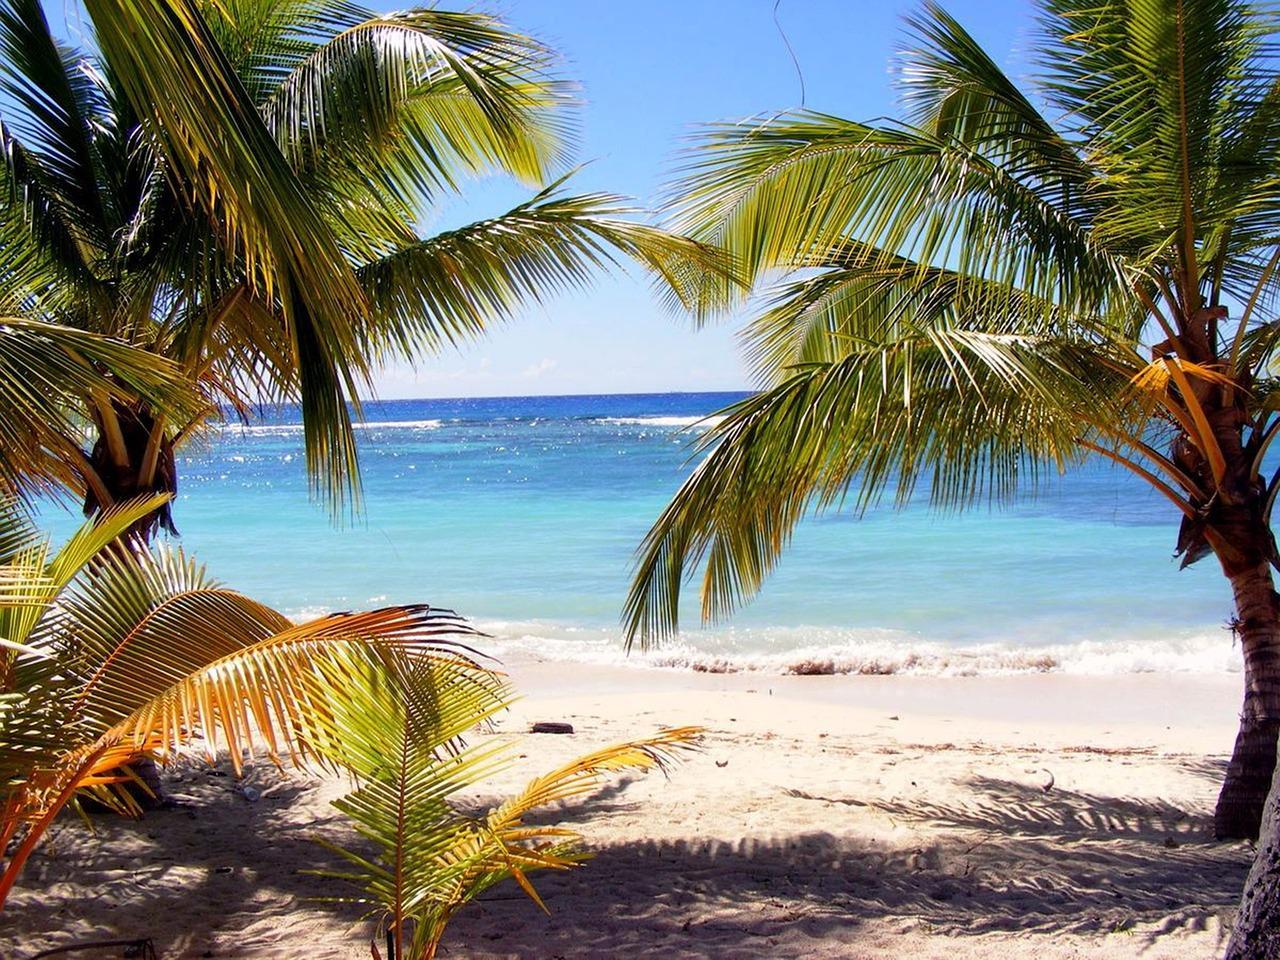 Госдума приняла законопроекты о ратификации договоров об основах отношений с Белизом и Содружеством Доминики